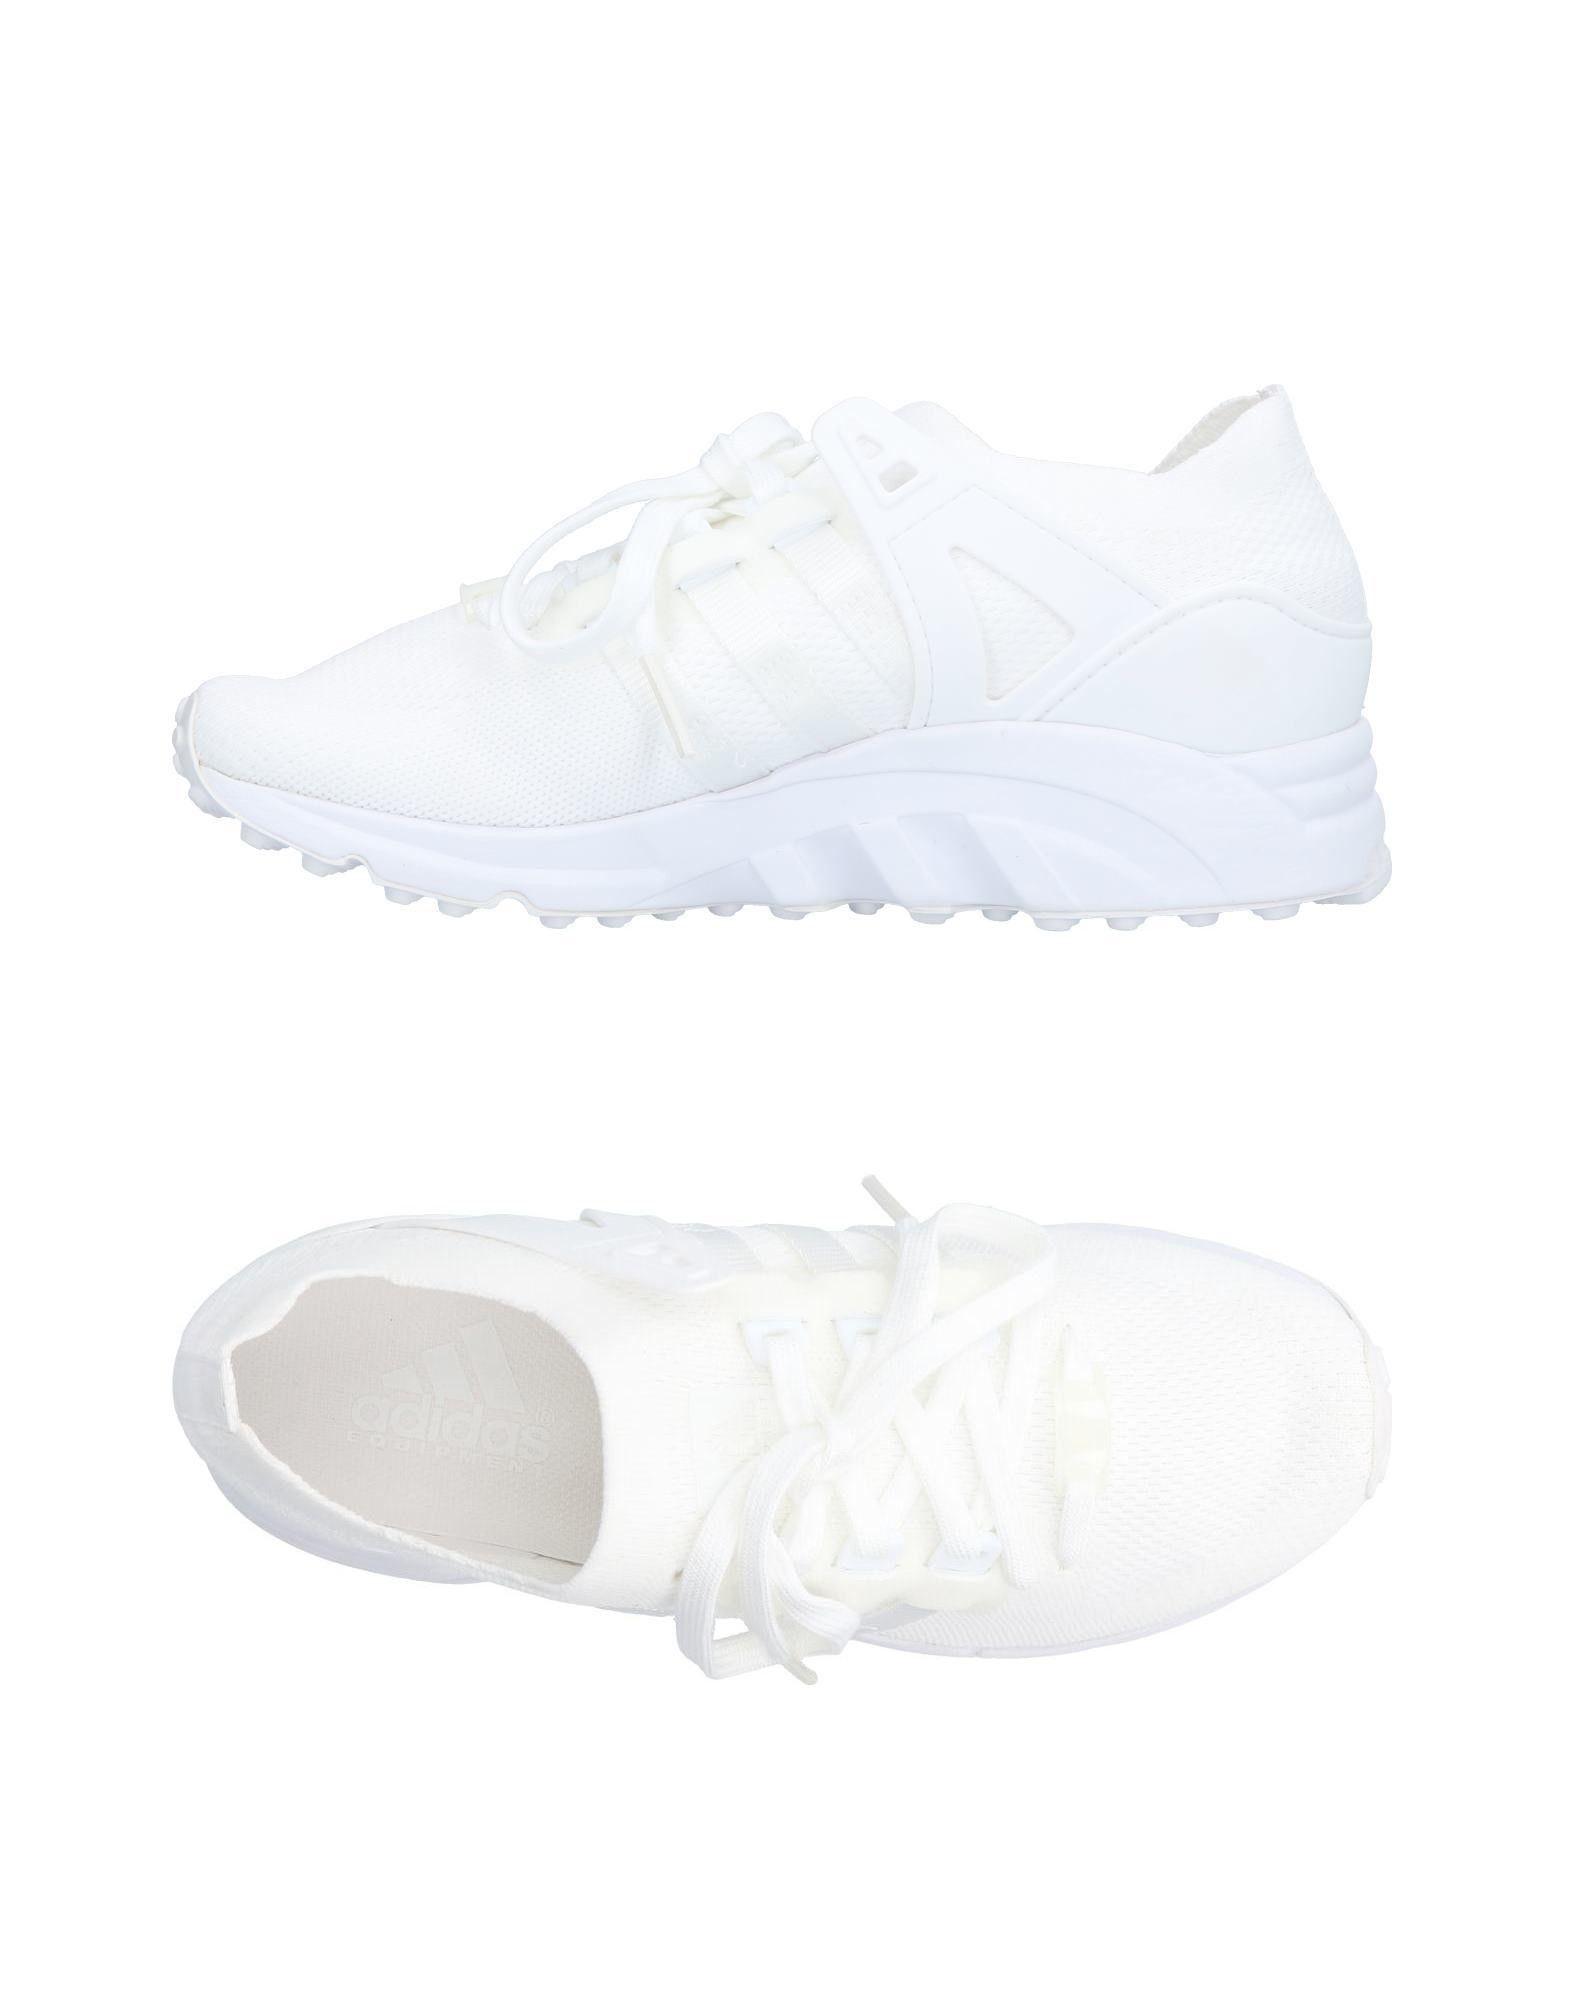 Rabatt echte Sneakers Schuhe Adidas Sneakers echte Herren  11425512MC a878b9